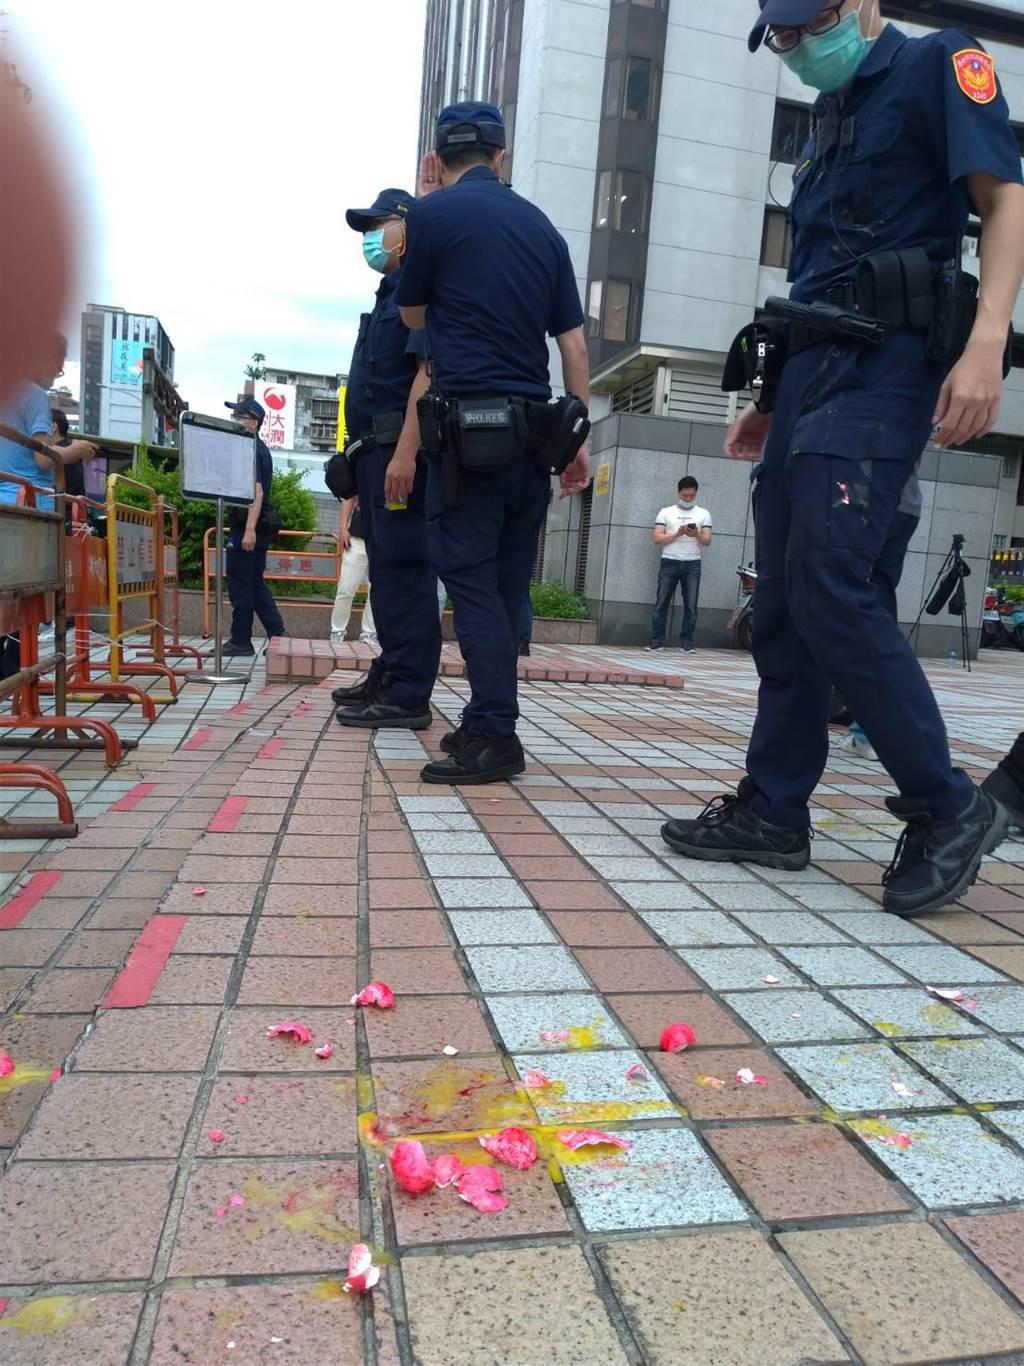 台灣國辦公室到國民黨中央黨部砸一盒雞蛋抗議,地上留下蛋殼及蛋汁。(黃福其攝)